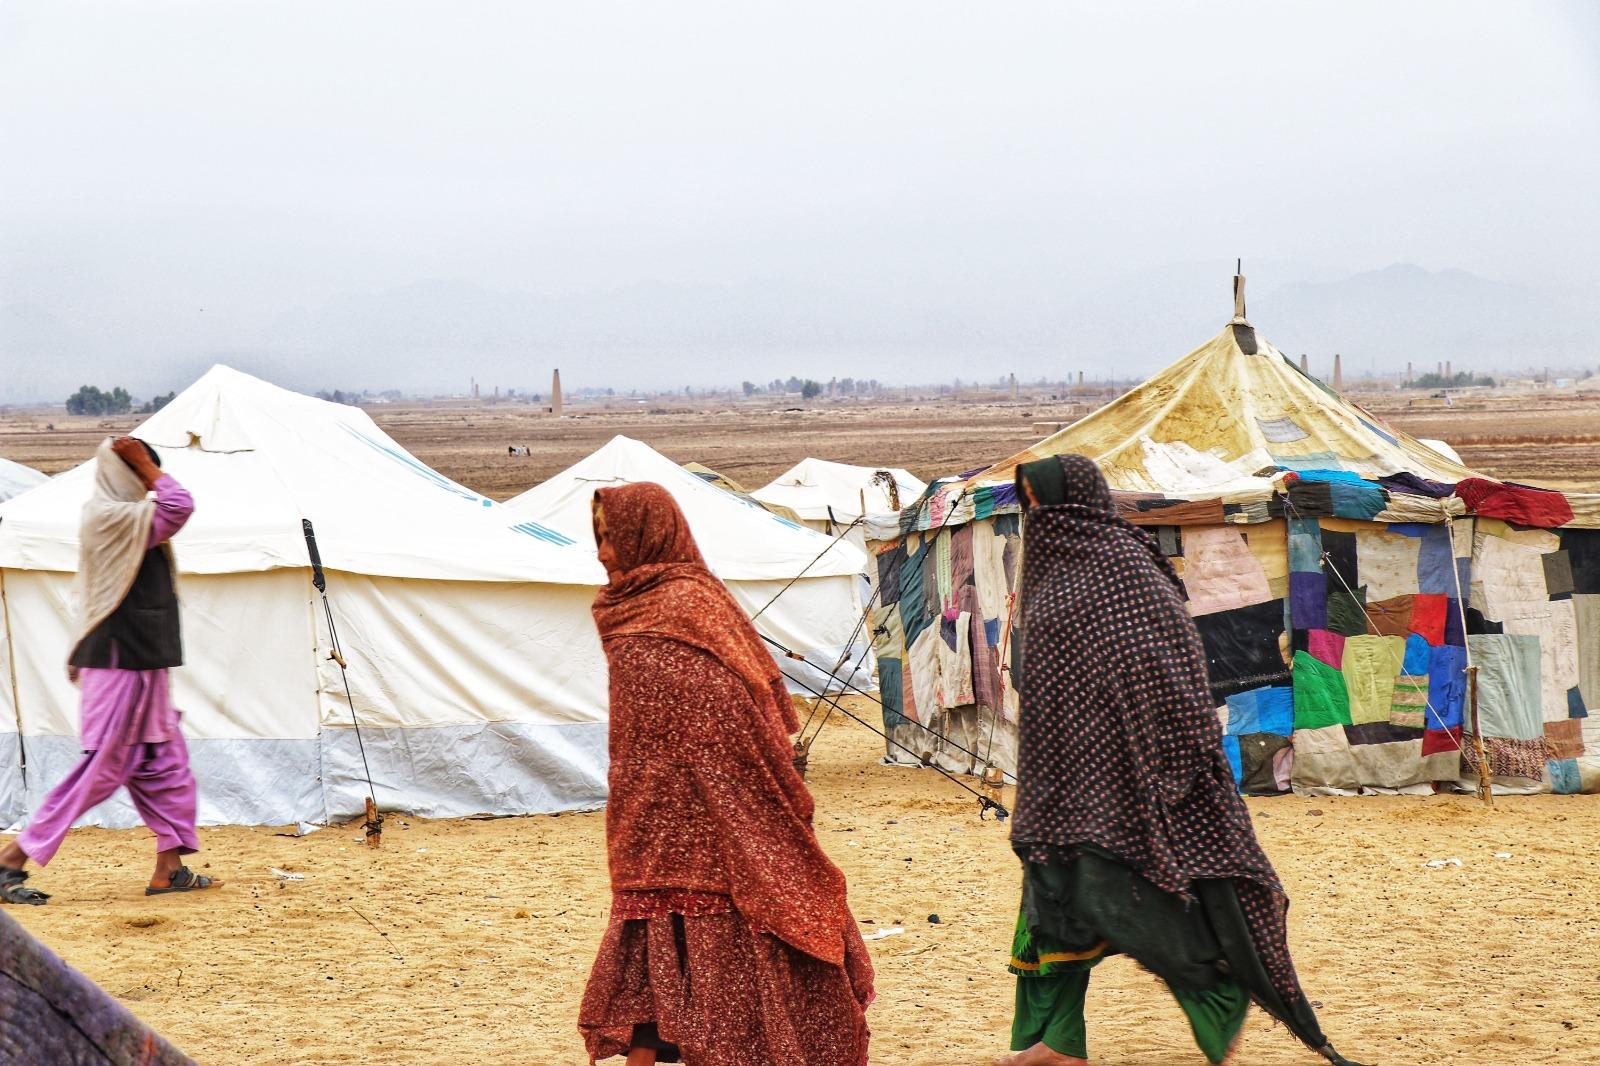 Två personer går, de bär långa dukar omkring sig, i bakgrunden telt.